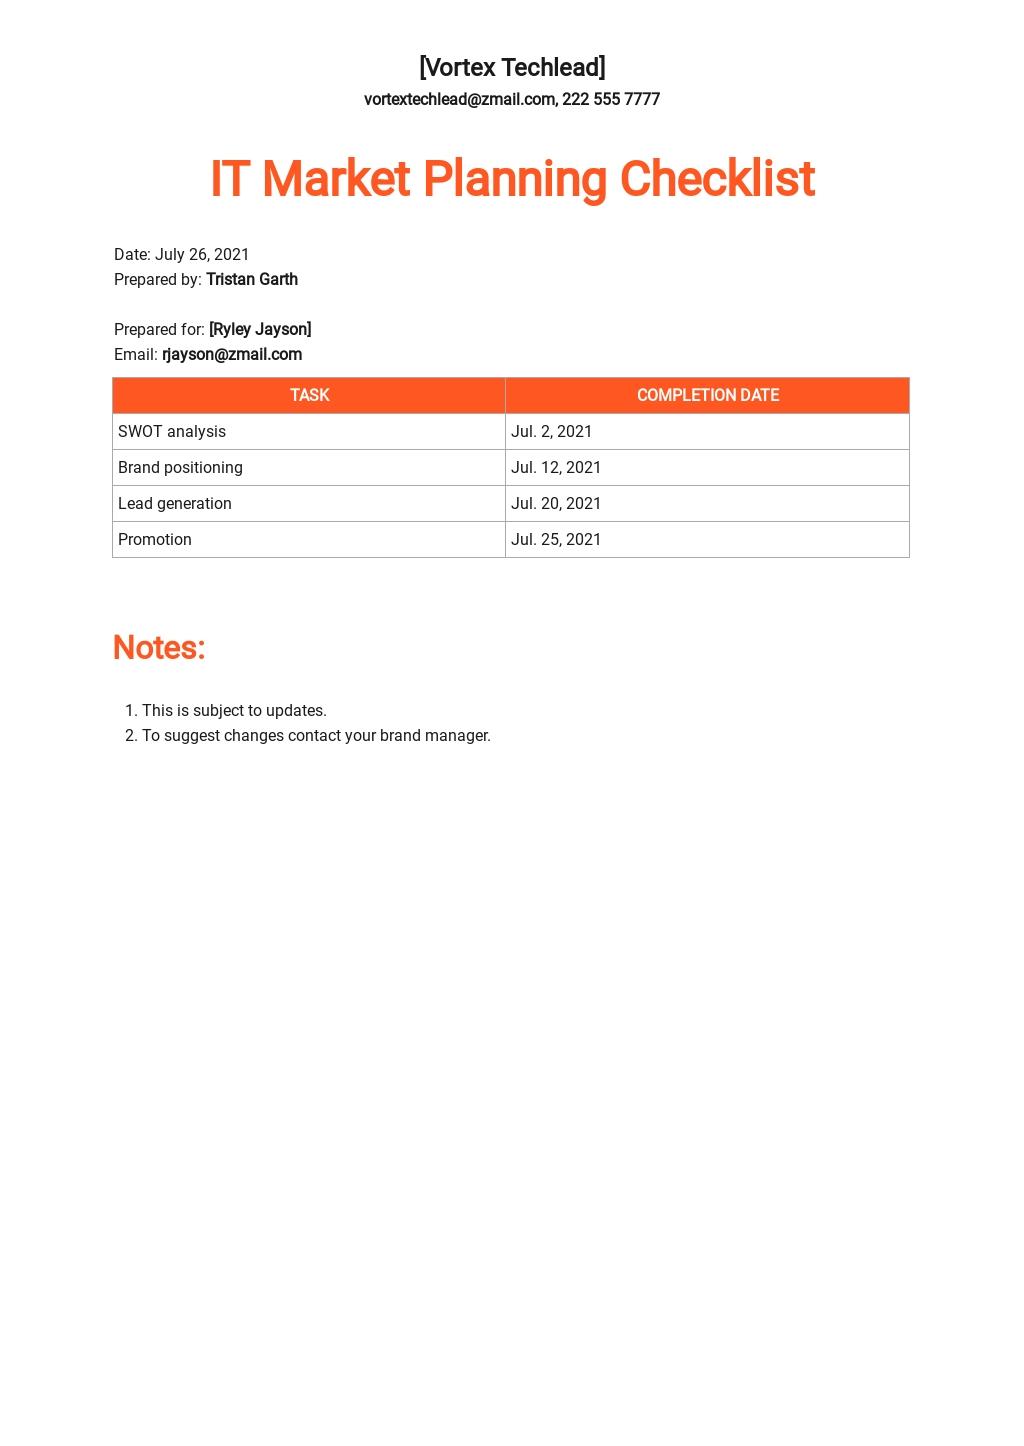 IT Market Planning Checklist Template.jpe